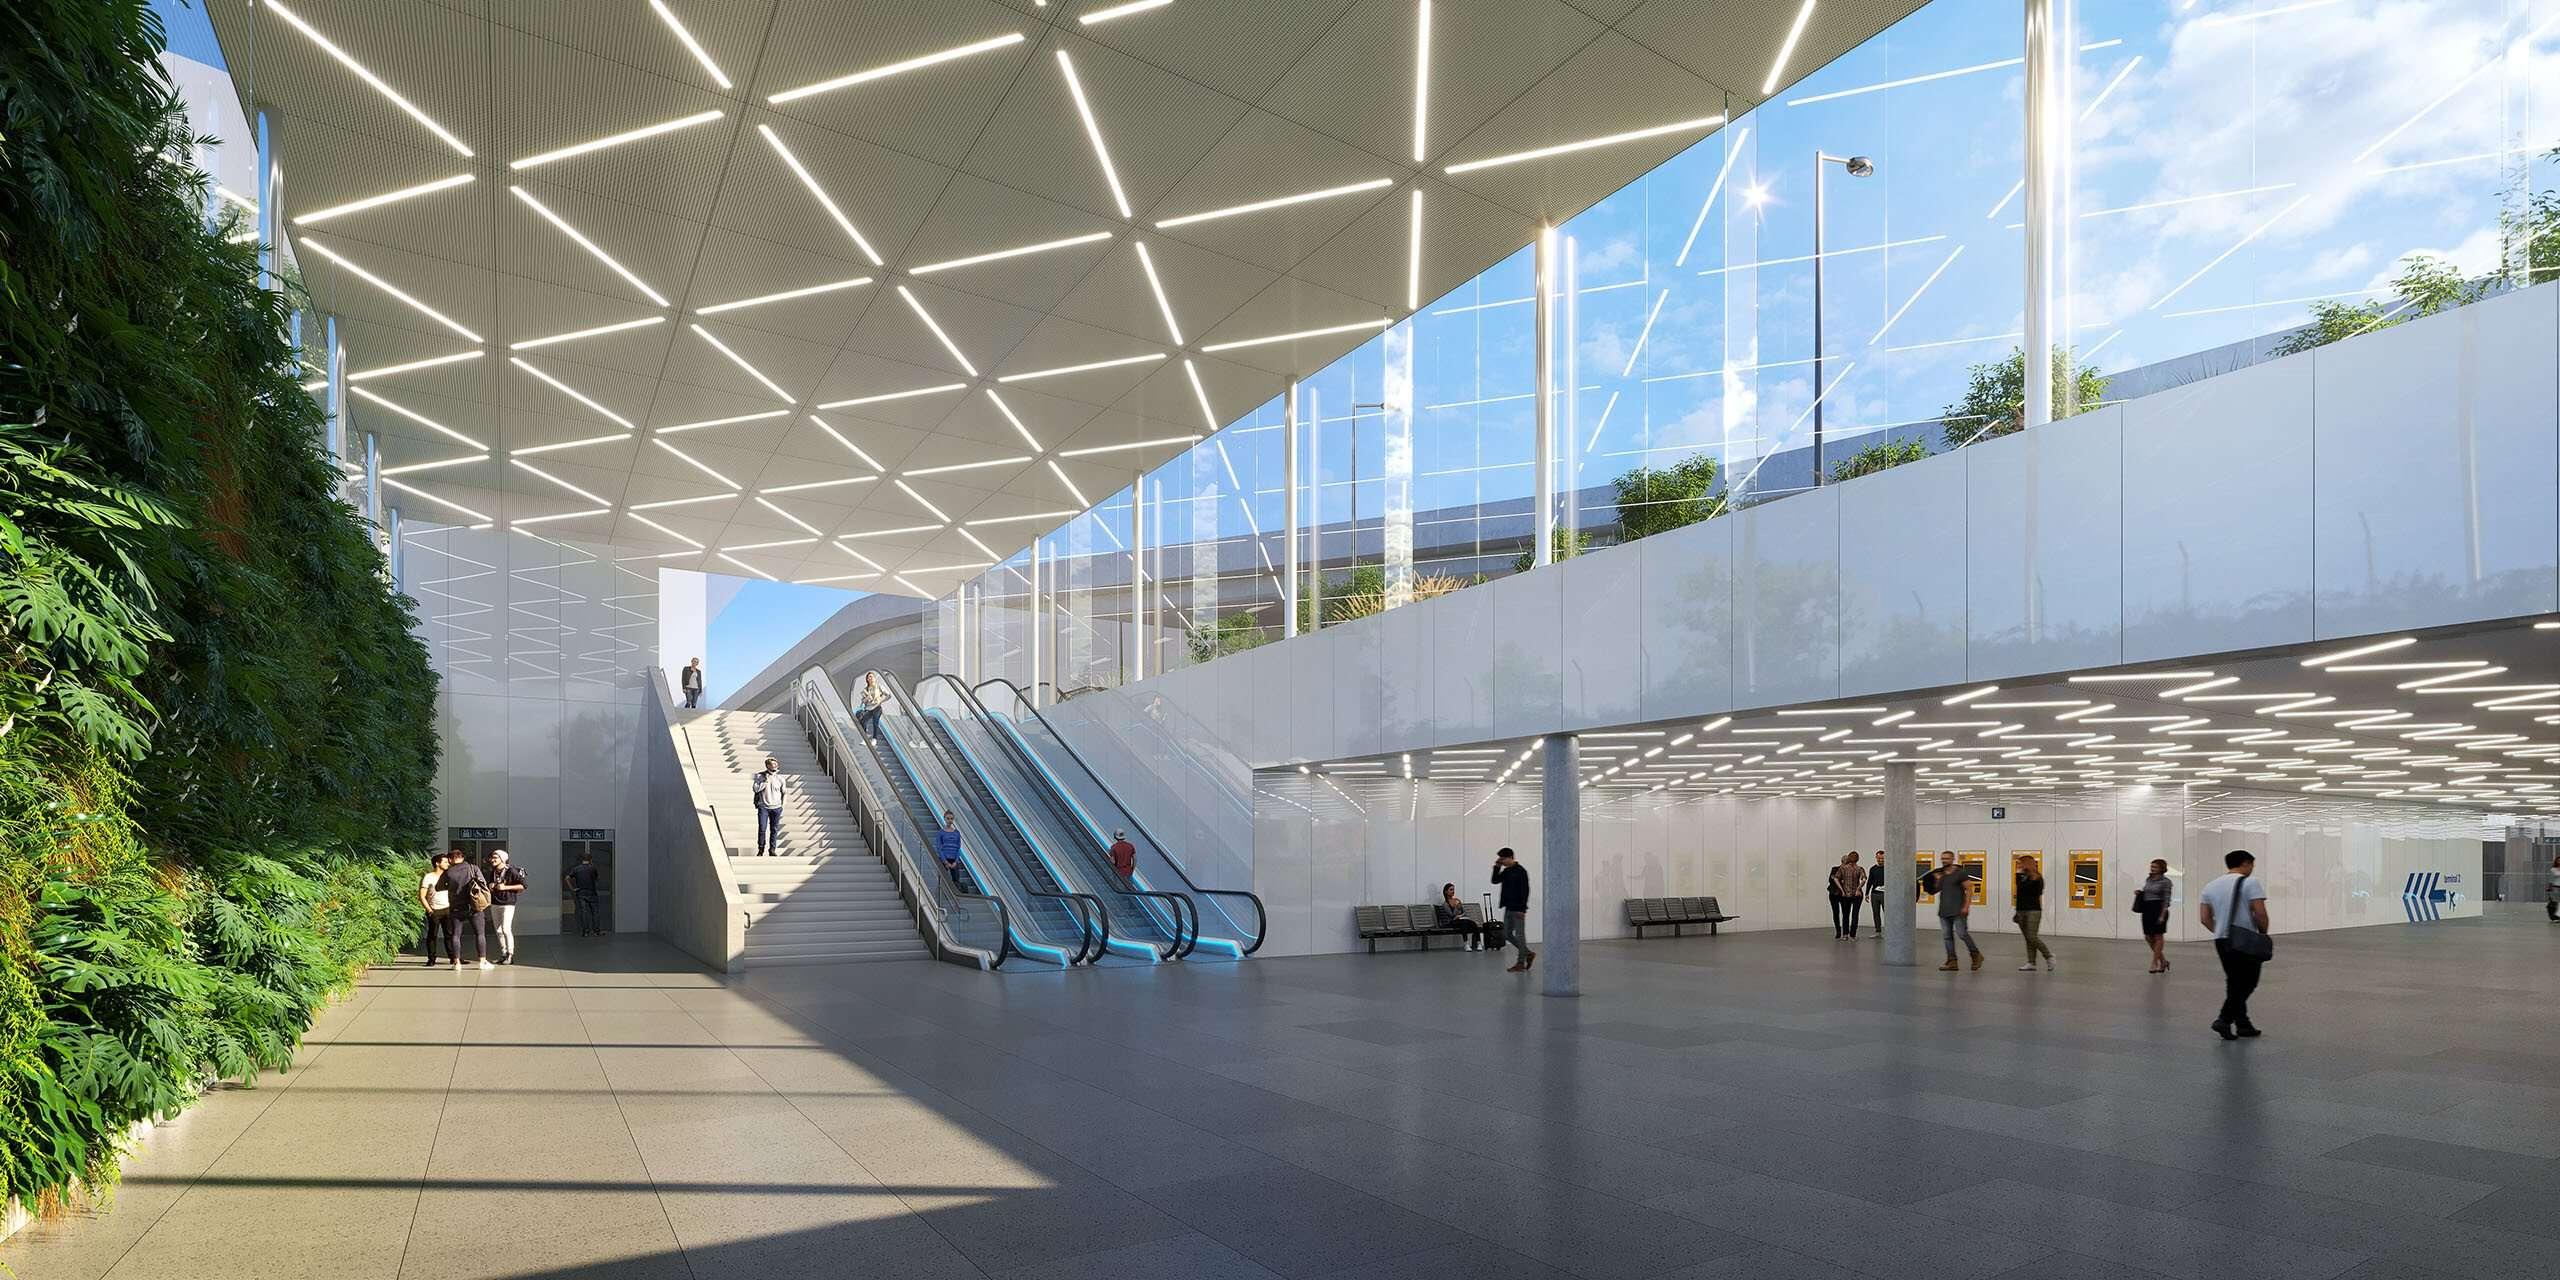 Projekt železniční stanice na pražském letišti